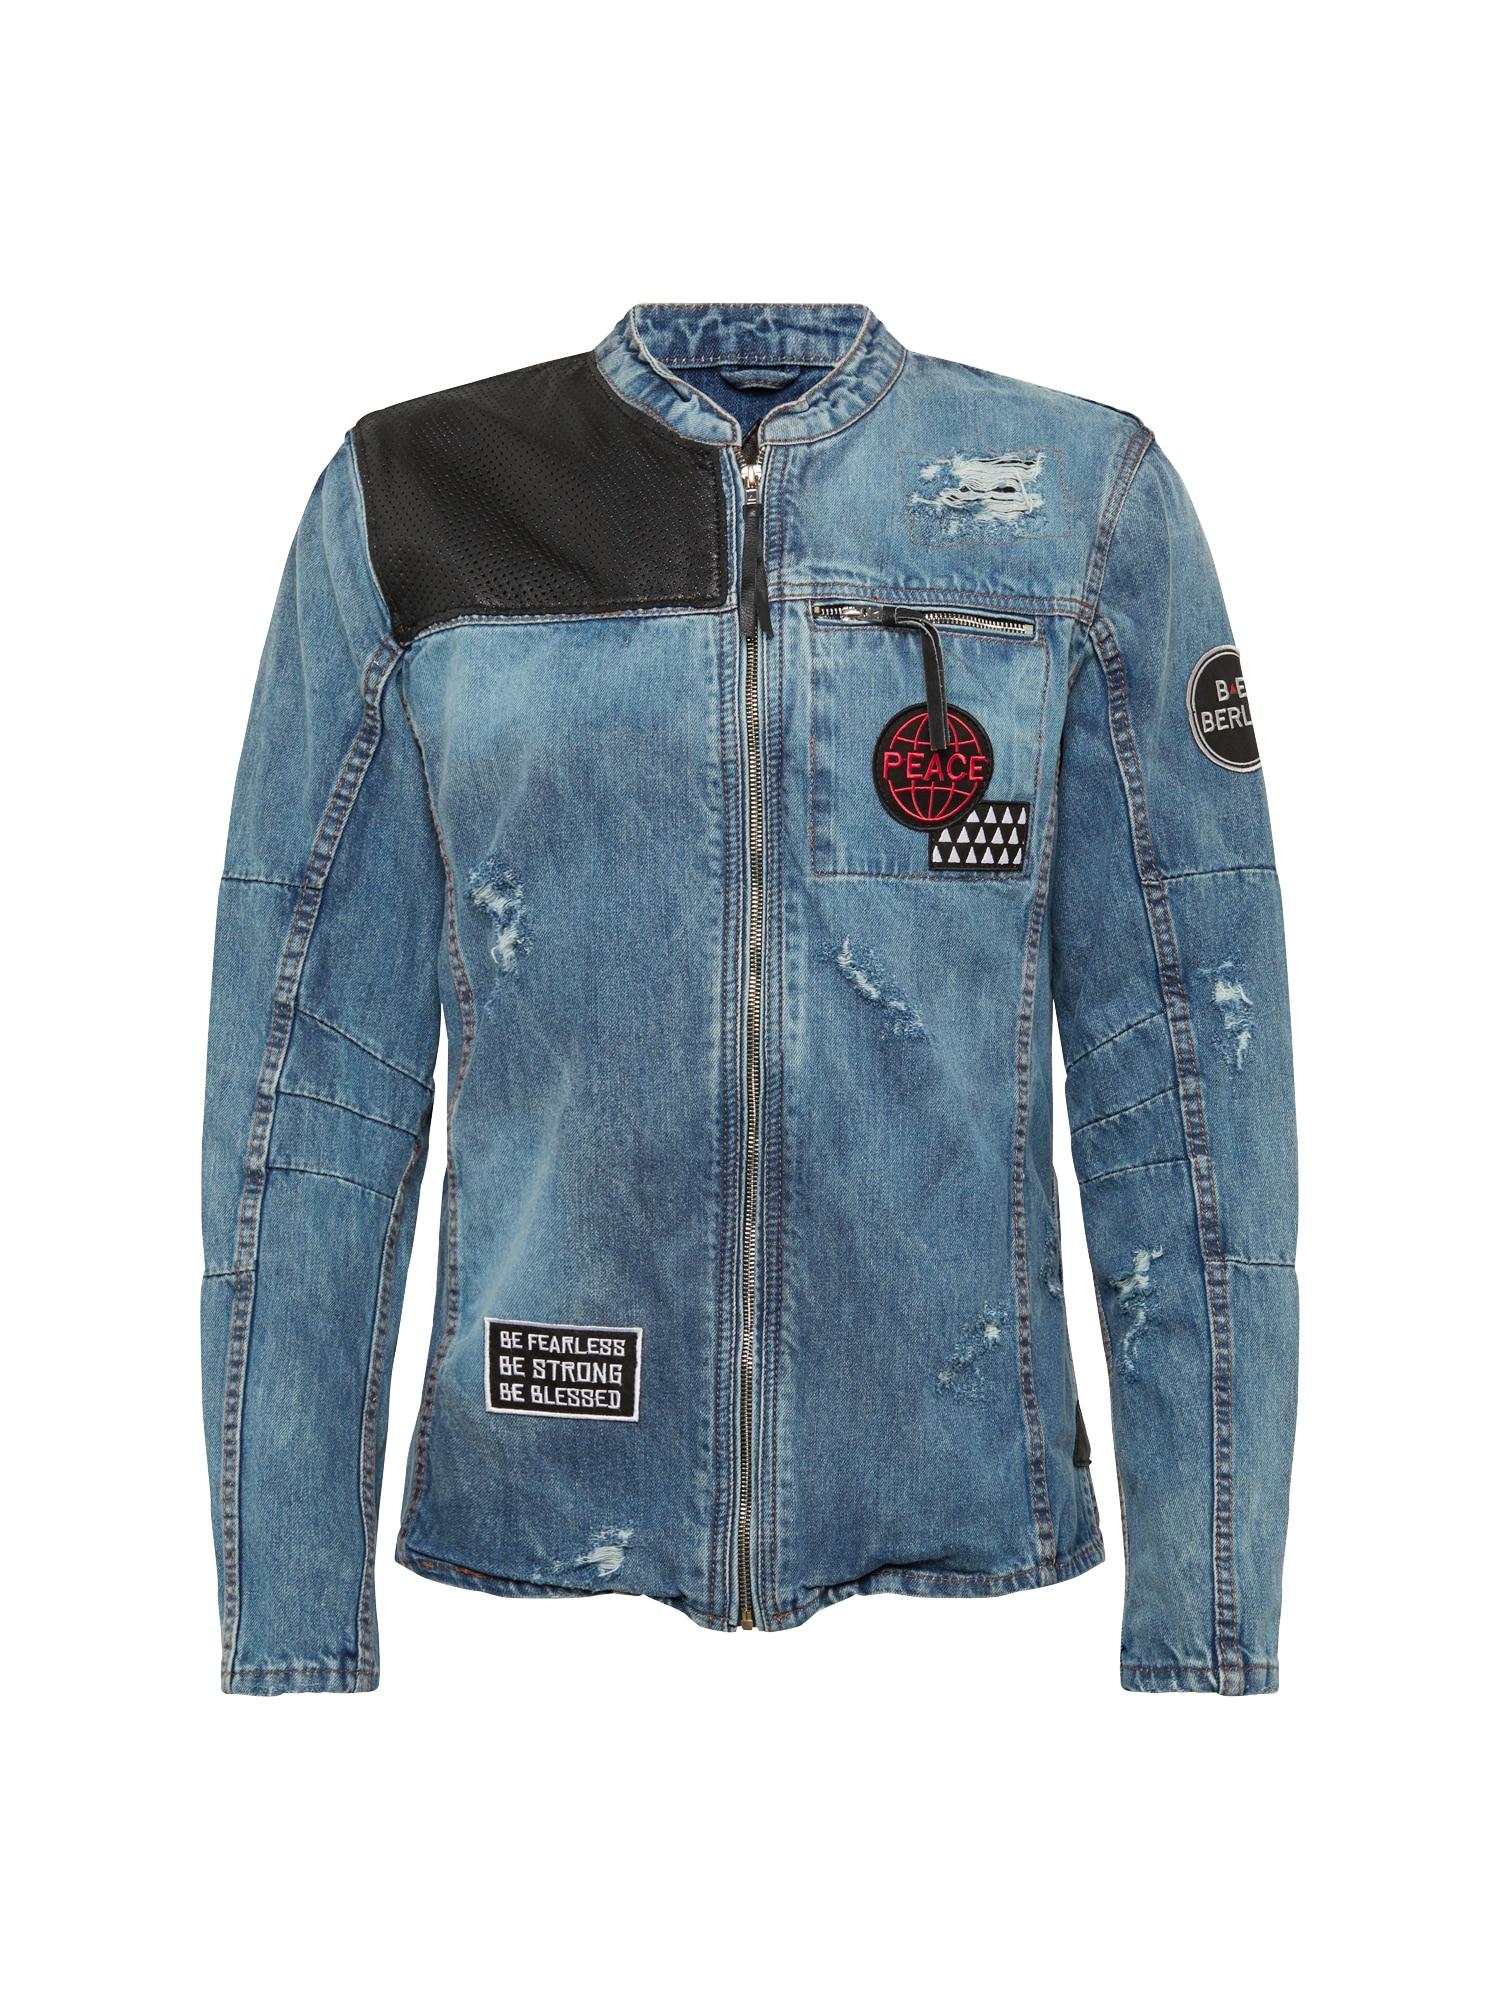 Přechodná bunda BEphil D modrá džínovina BE EDGY